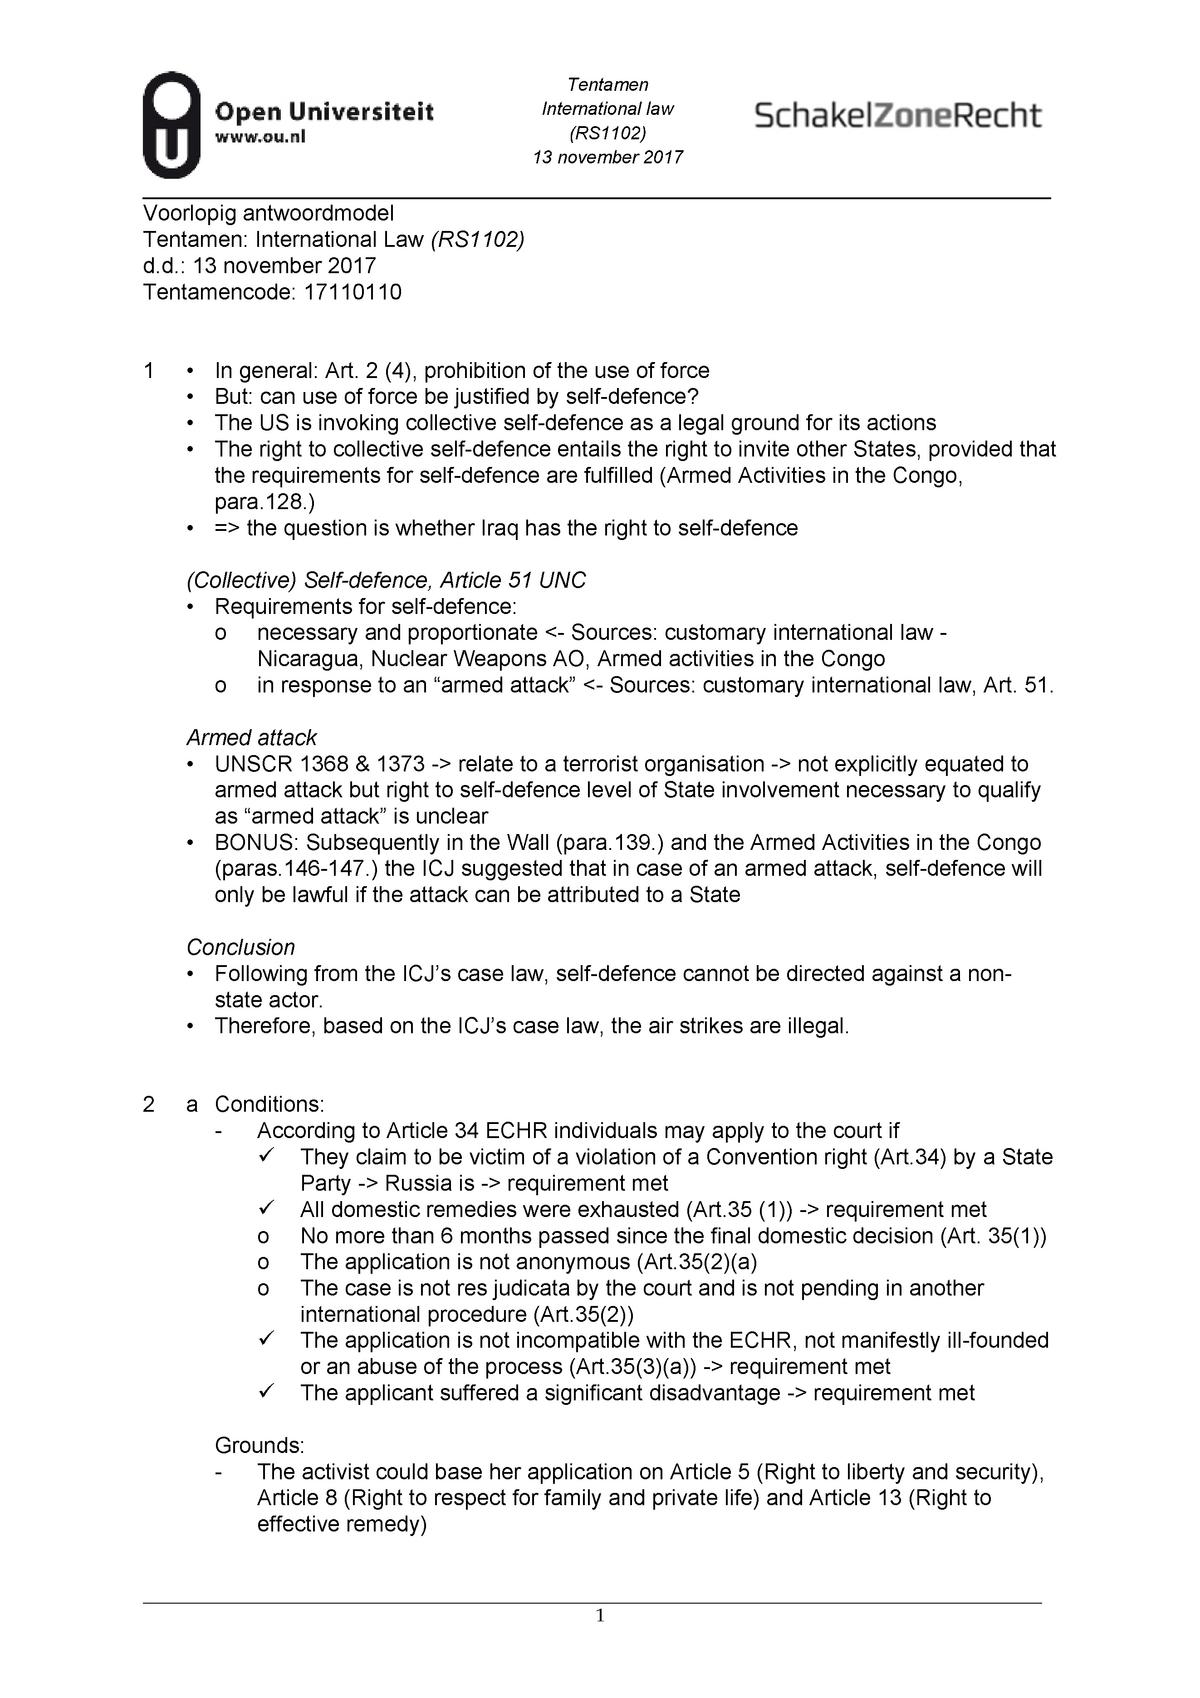 Tentamen 13 November 2017, antwoorden - RB1802 - StudeerSnel